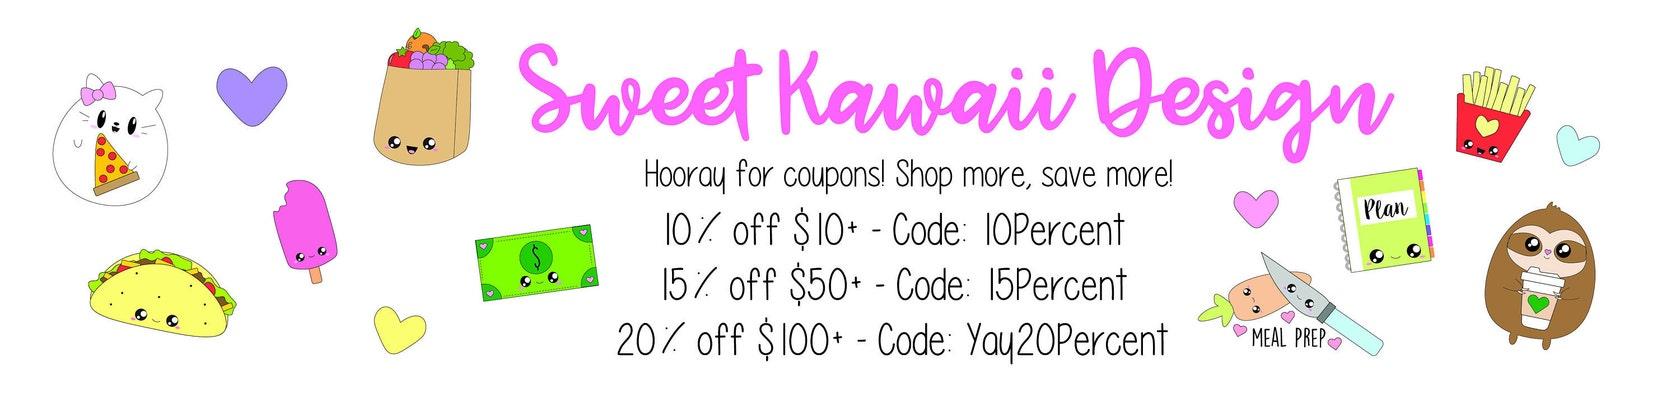 Sweet Kawaii Design van SweetKawaiiDesign op Etsy